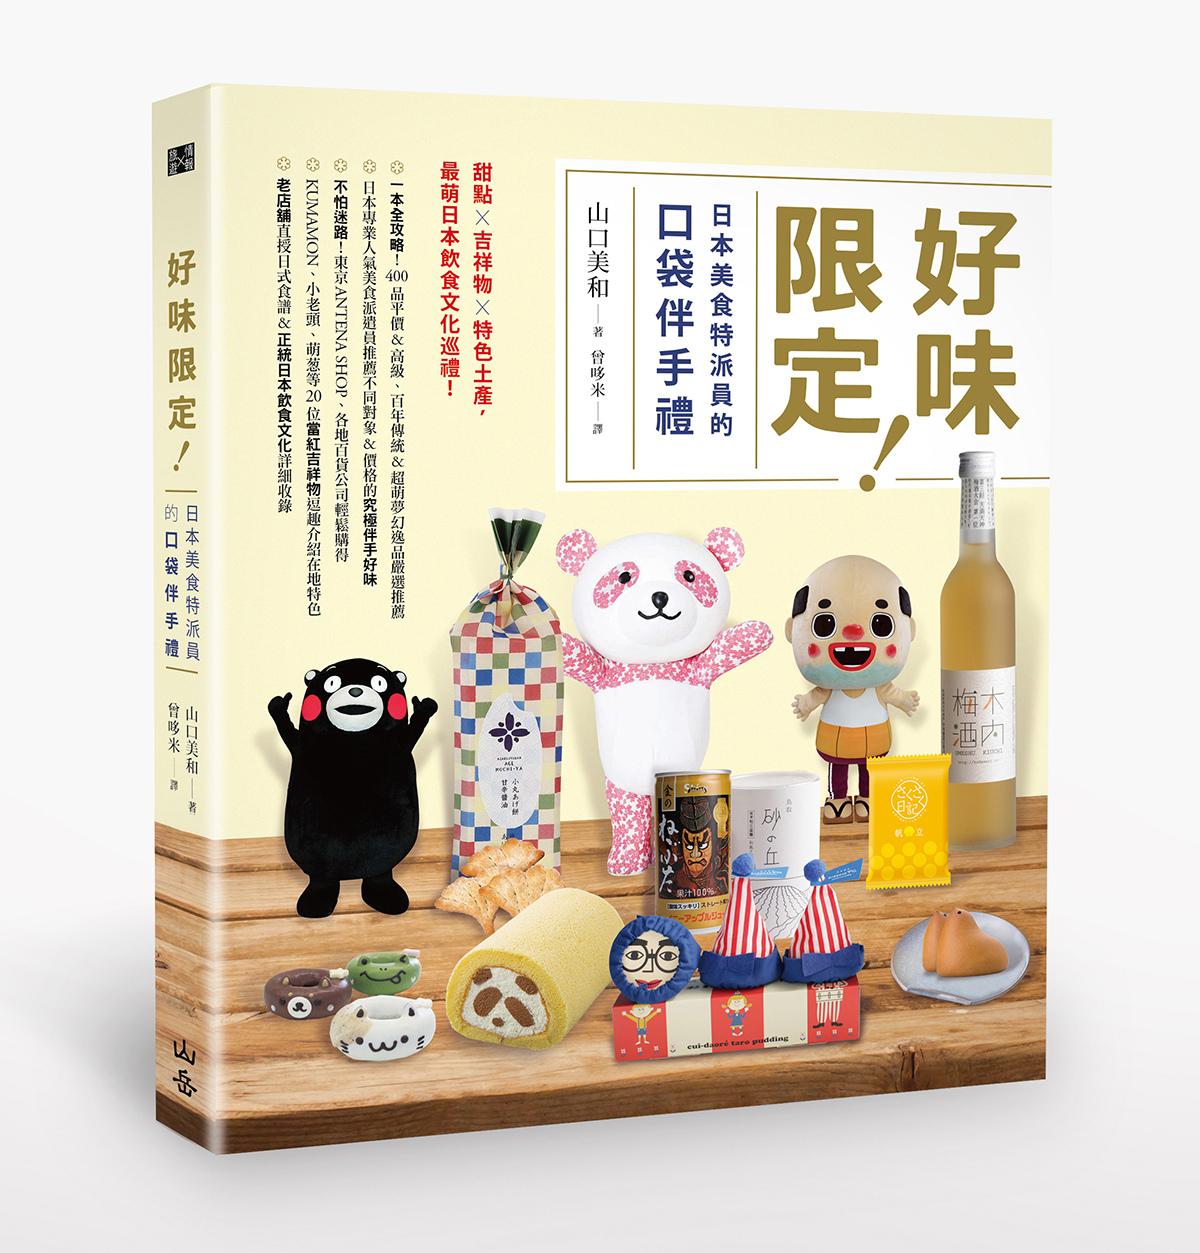 好味限定!日本美食特派員的口袋伴手禮